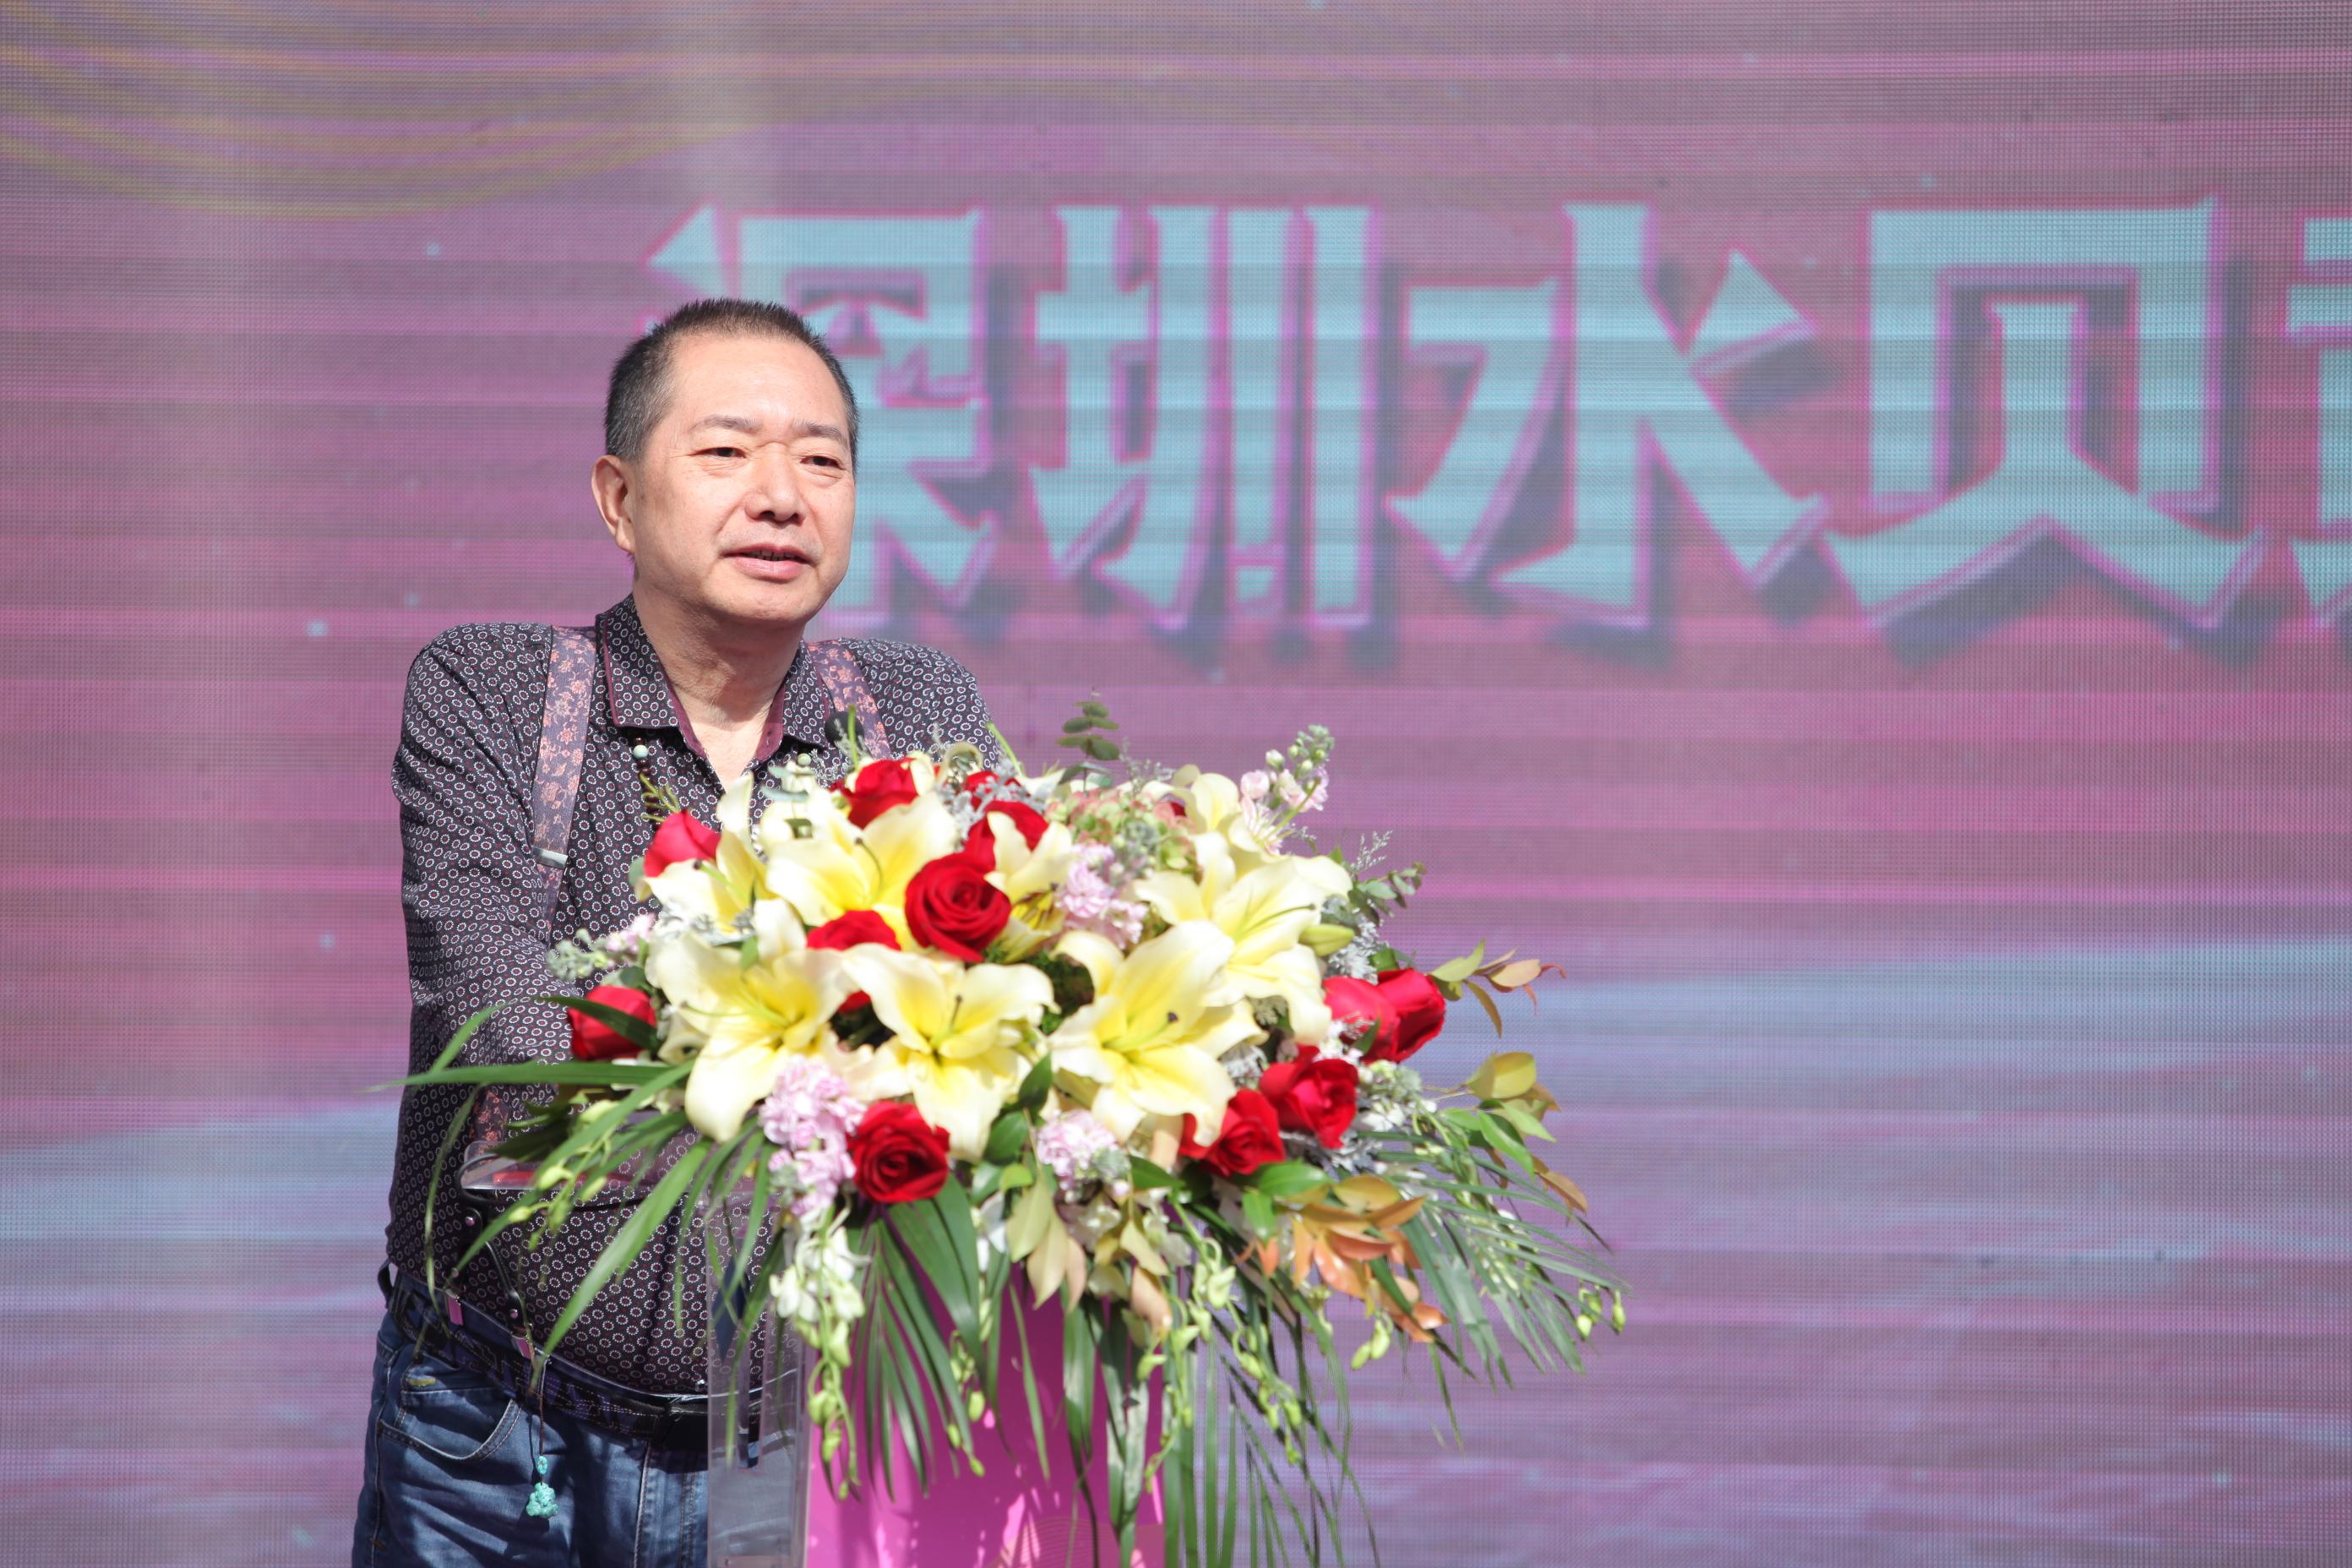 深圳市瓦晒文化发展有限公司创始人刘国伟教授作关于《晒文化与网络直播》的主题分享_20181125171207.jpg